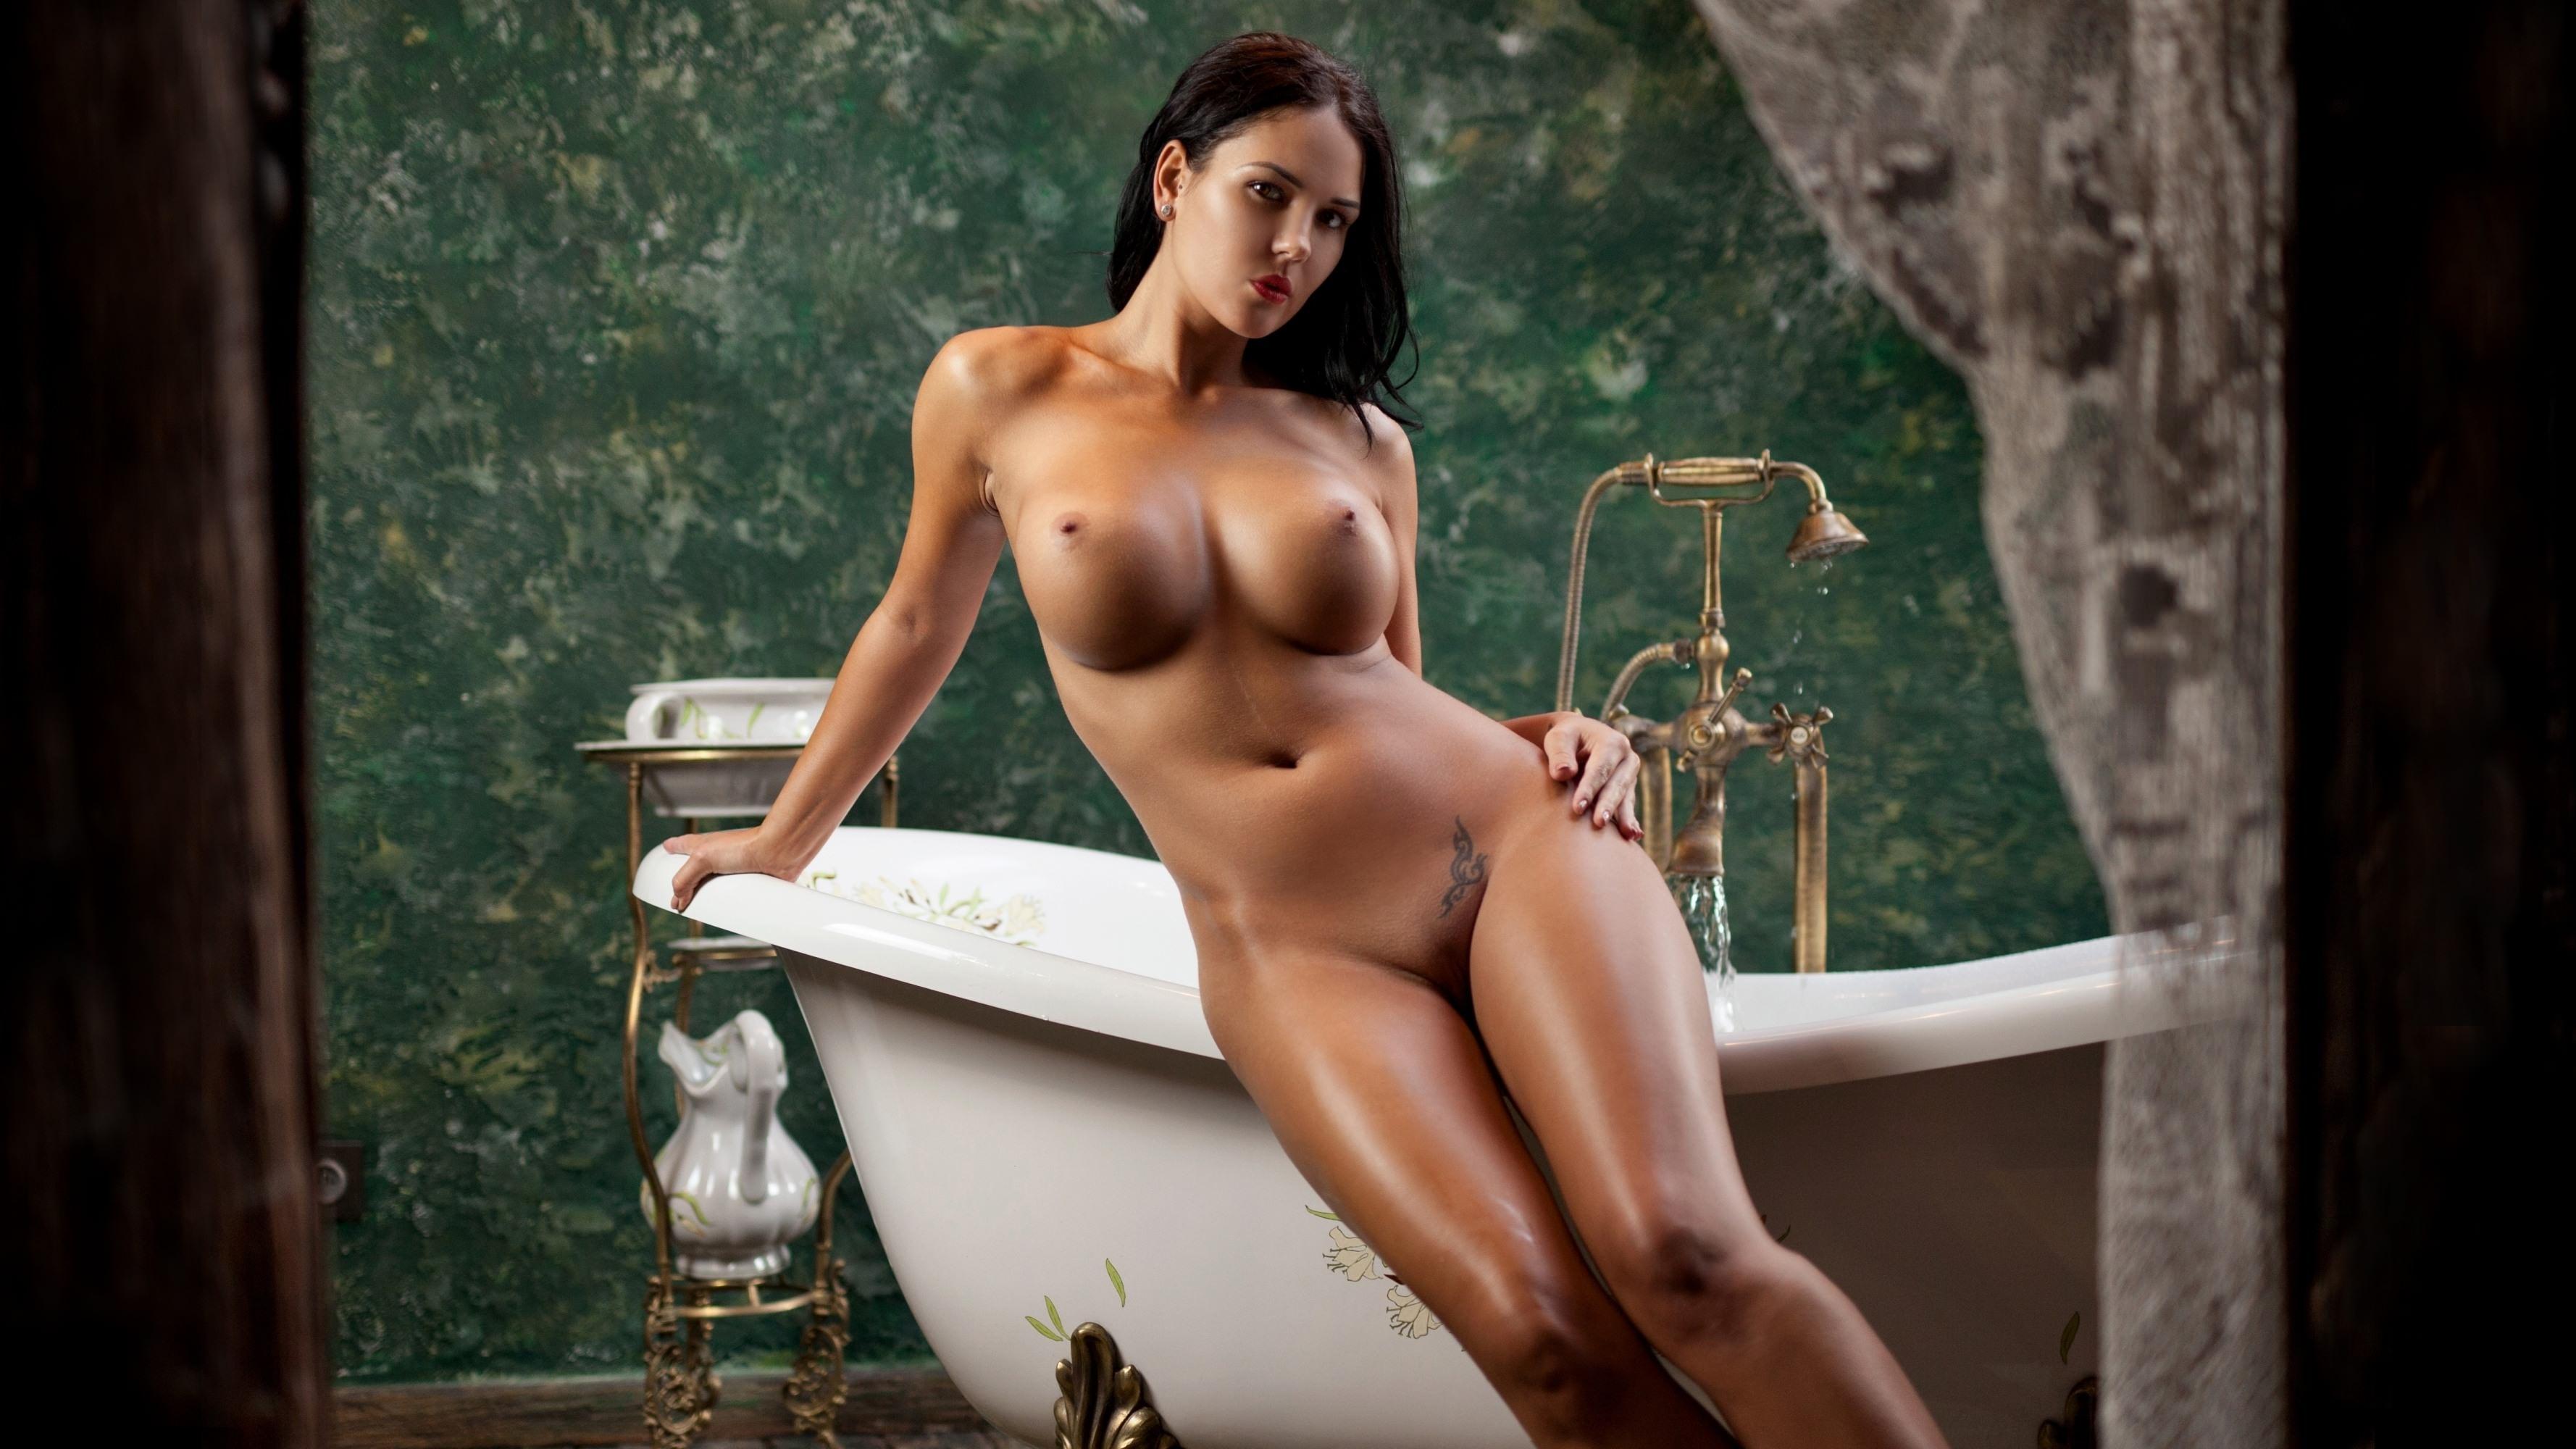 Фото Сисястая жгучая брюнетка позирует в эротической позе на краю ванны, мокрые ножки, большие красивые сиськи, сочные ляжки, скачать картинку бесплатно